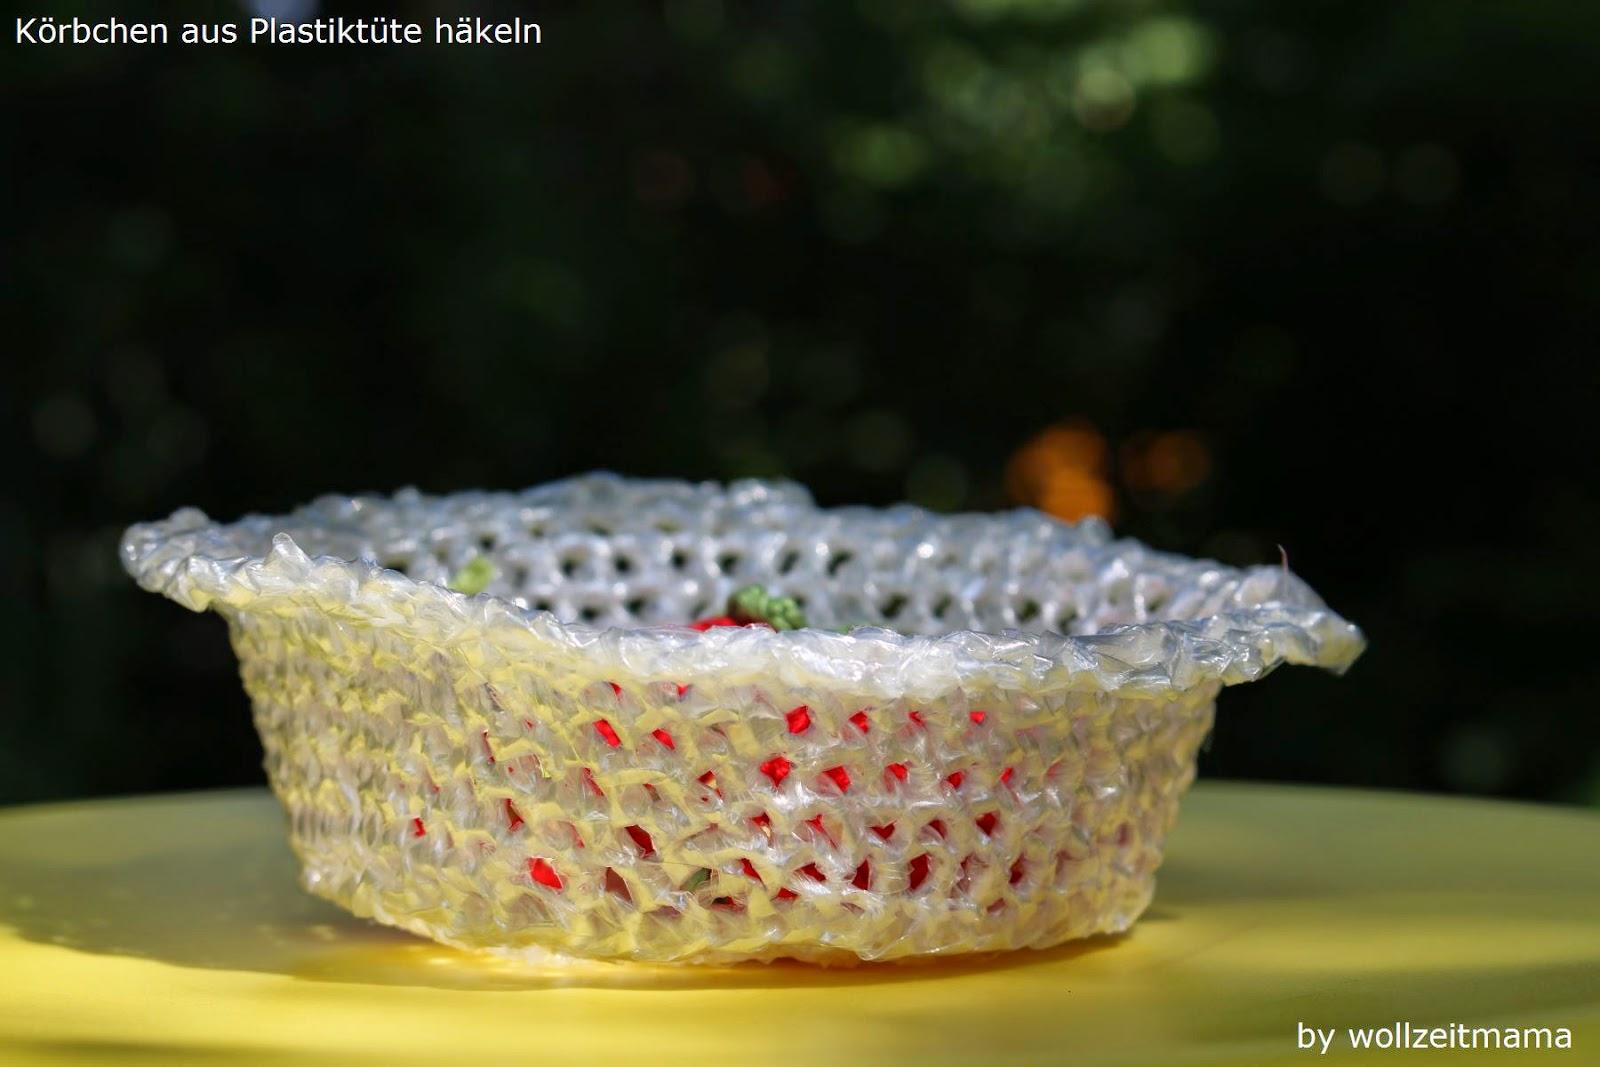 Körbchen aus Plastiktüte häkeln, Anleitung kostenlos